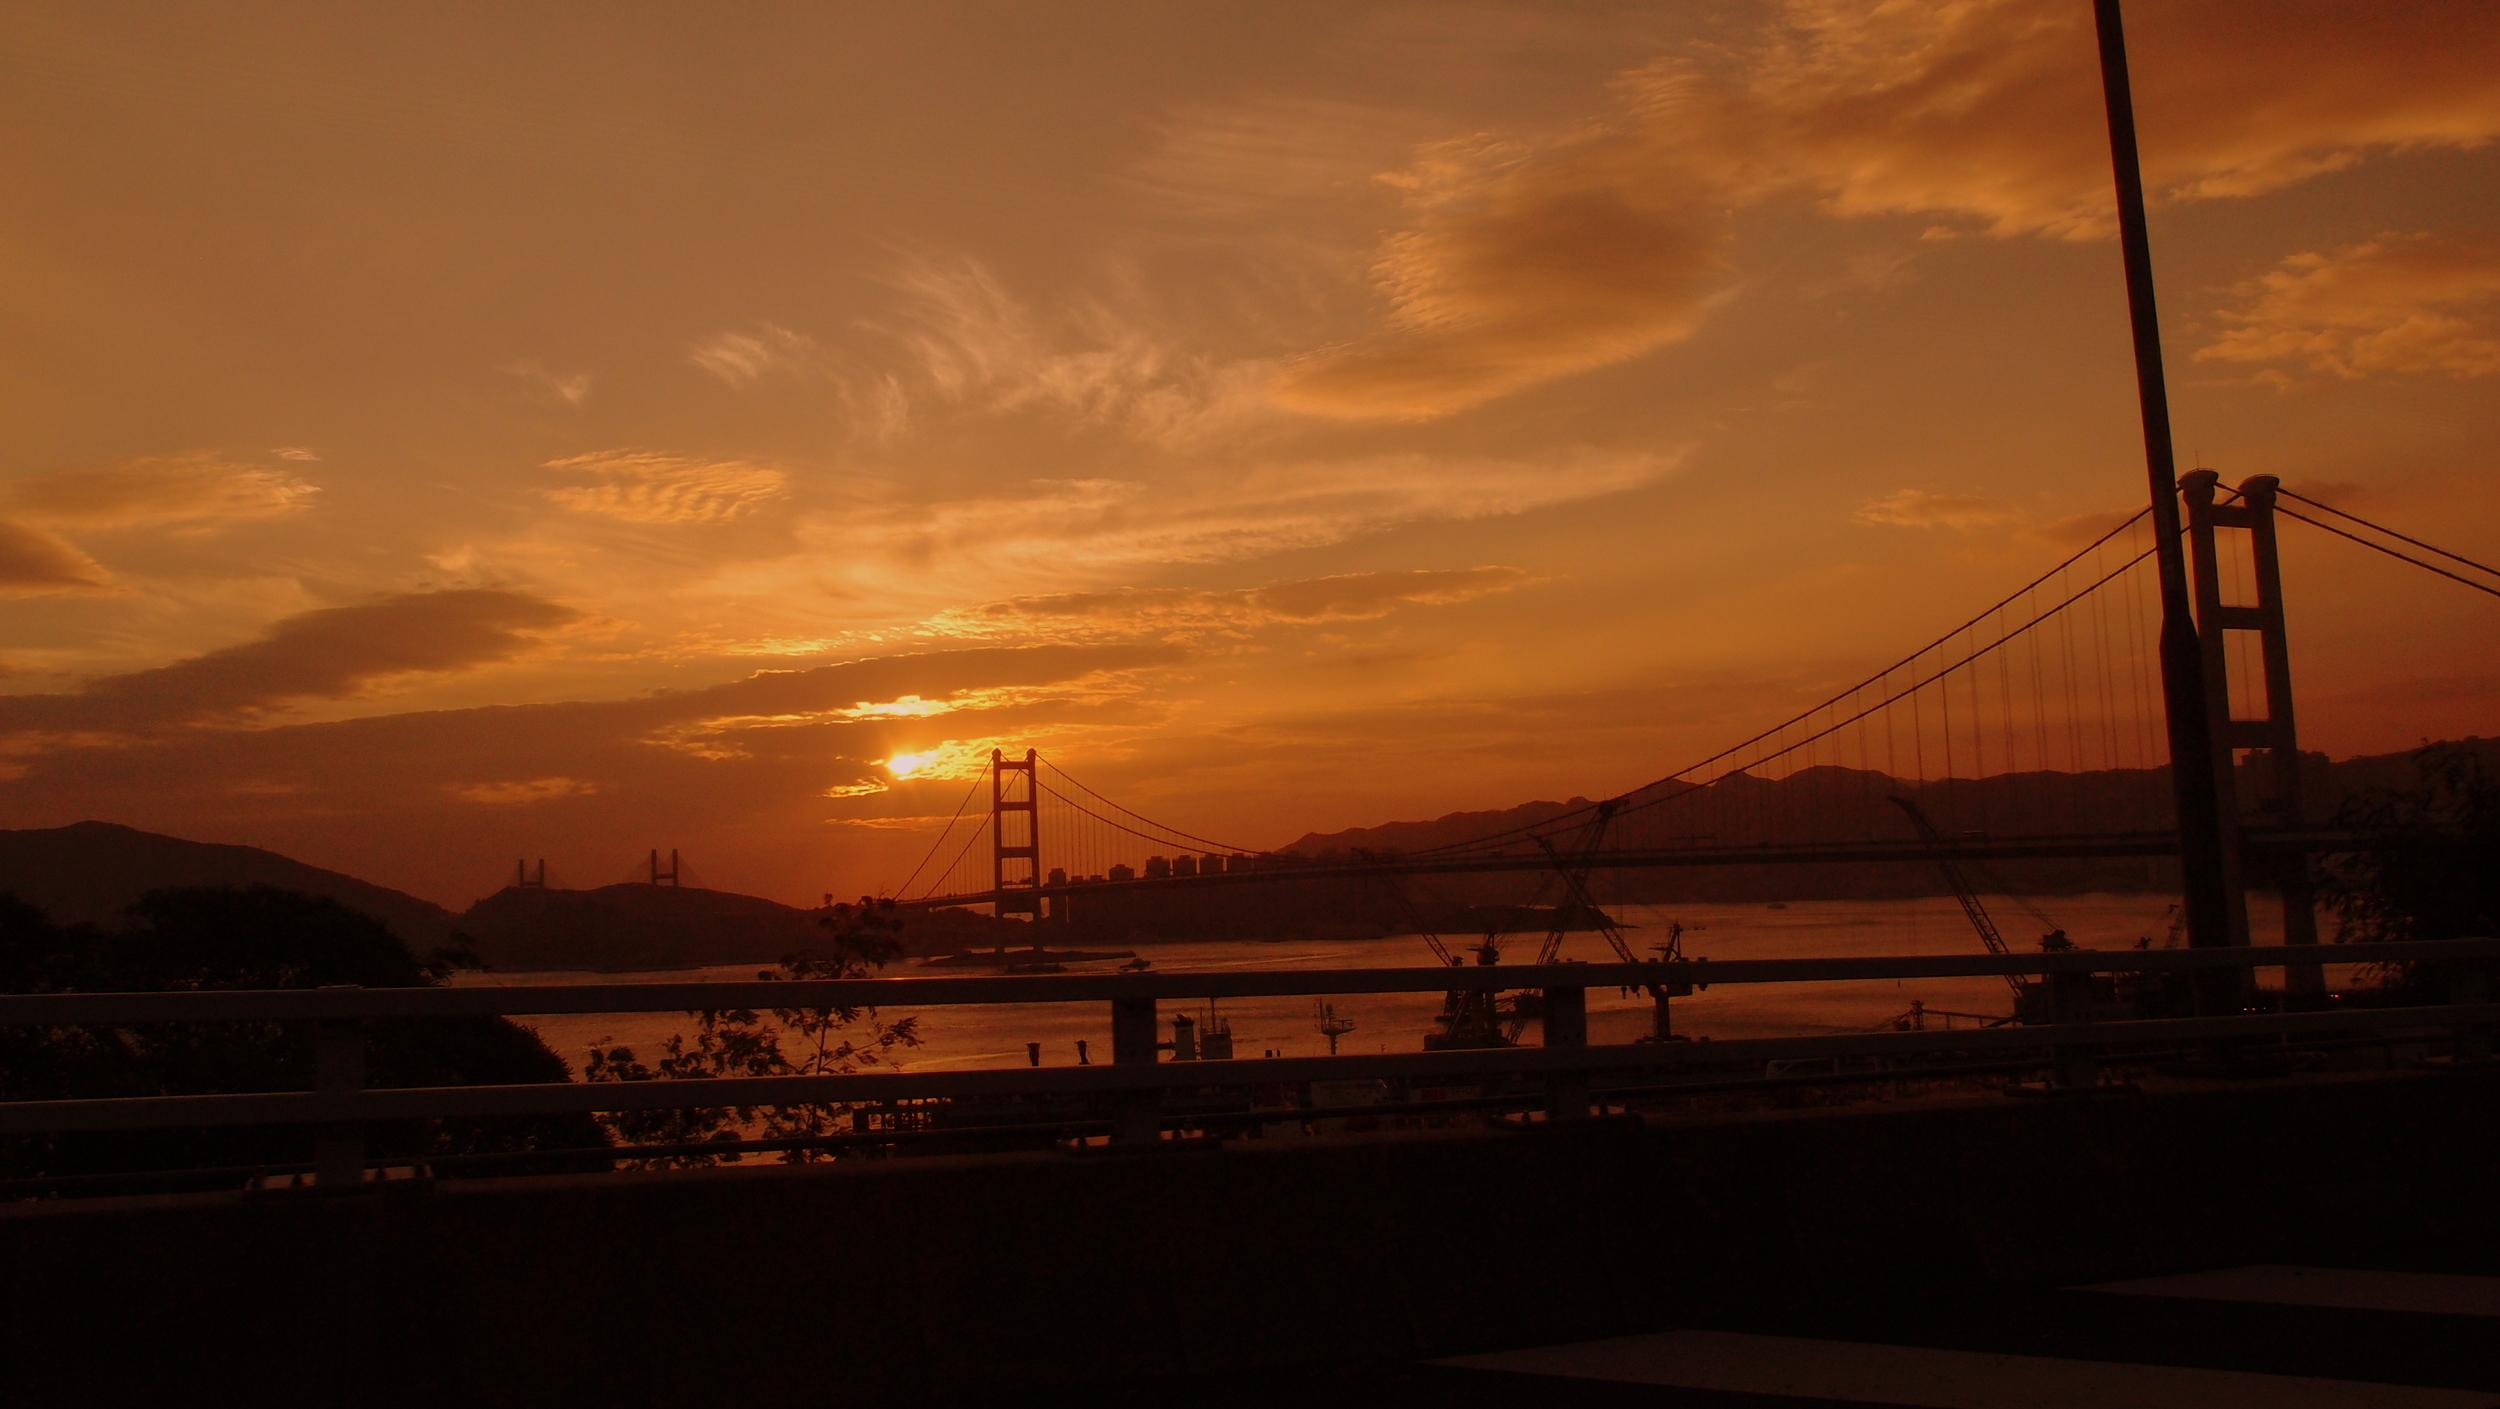 Not a typical Hong Kong Sunset!